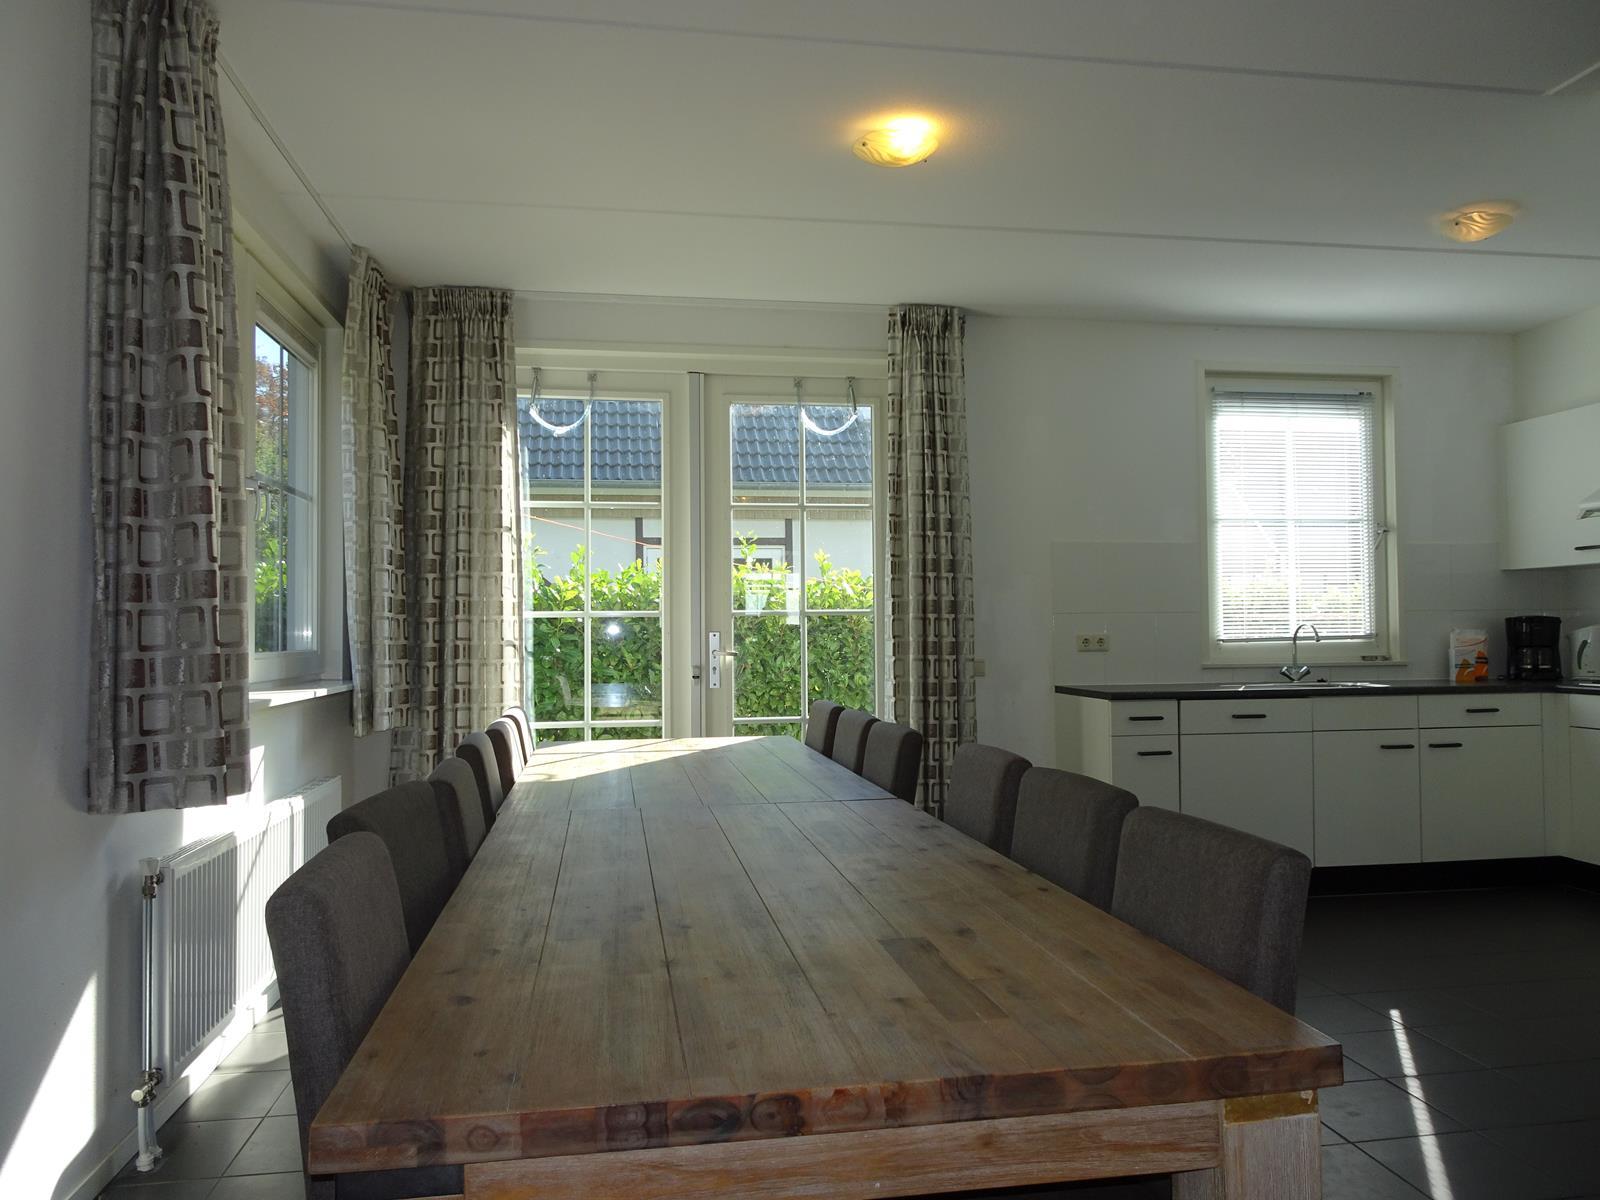 Vakantiehuis te koop Susteren K801 028.jpg